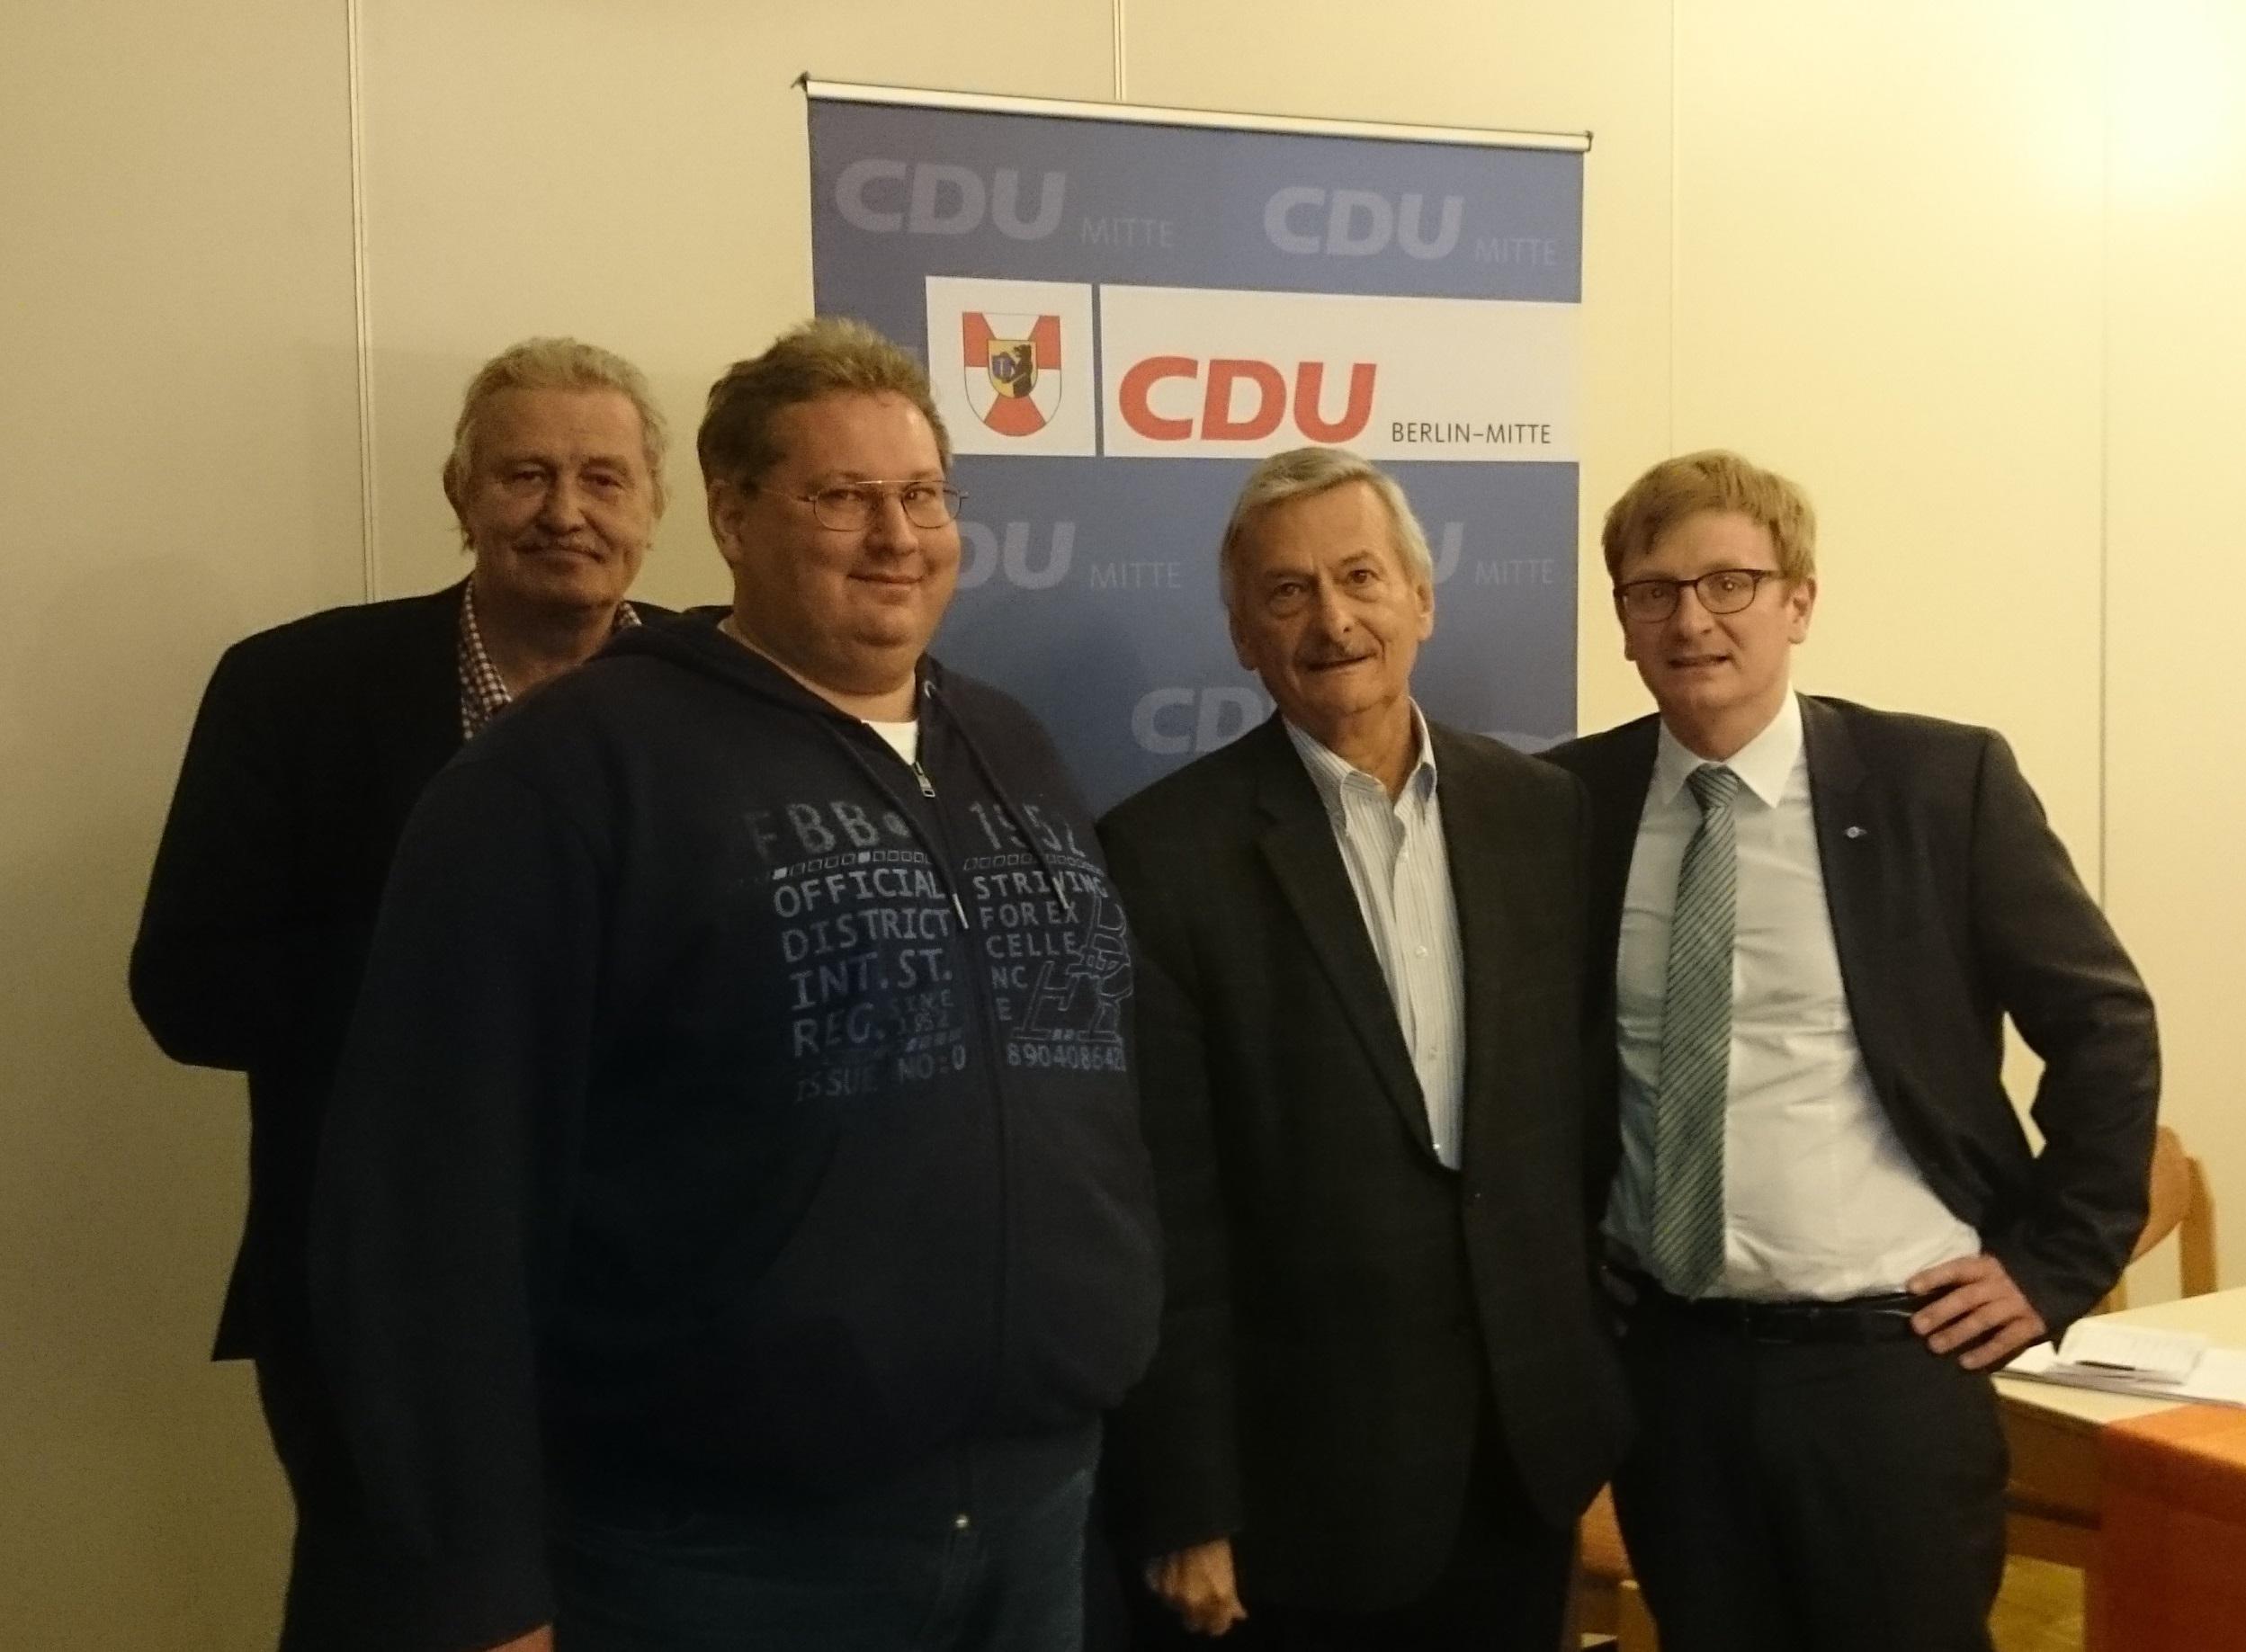 V.l.n.r. Klaus Kundt, Martin Leuschner, Volker Liepelt, Dr. Philipp Lengsfeld MdB